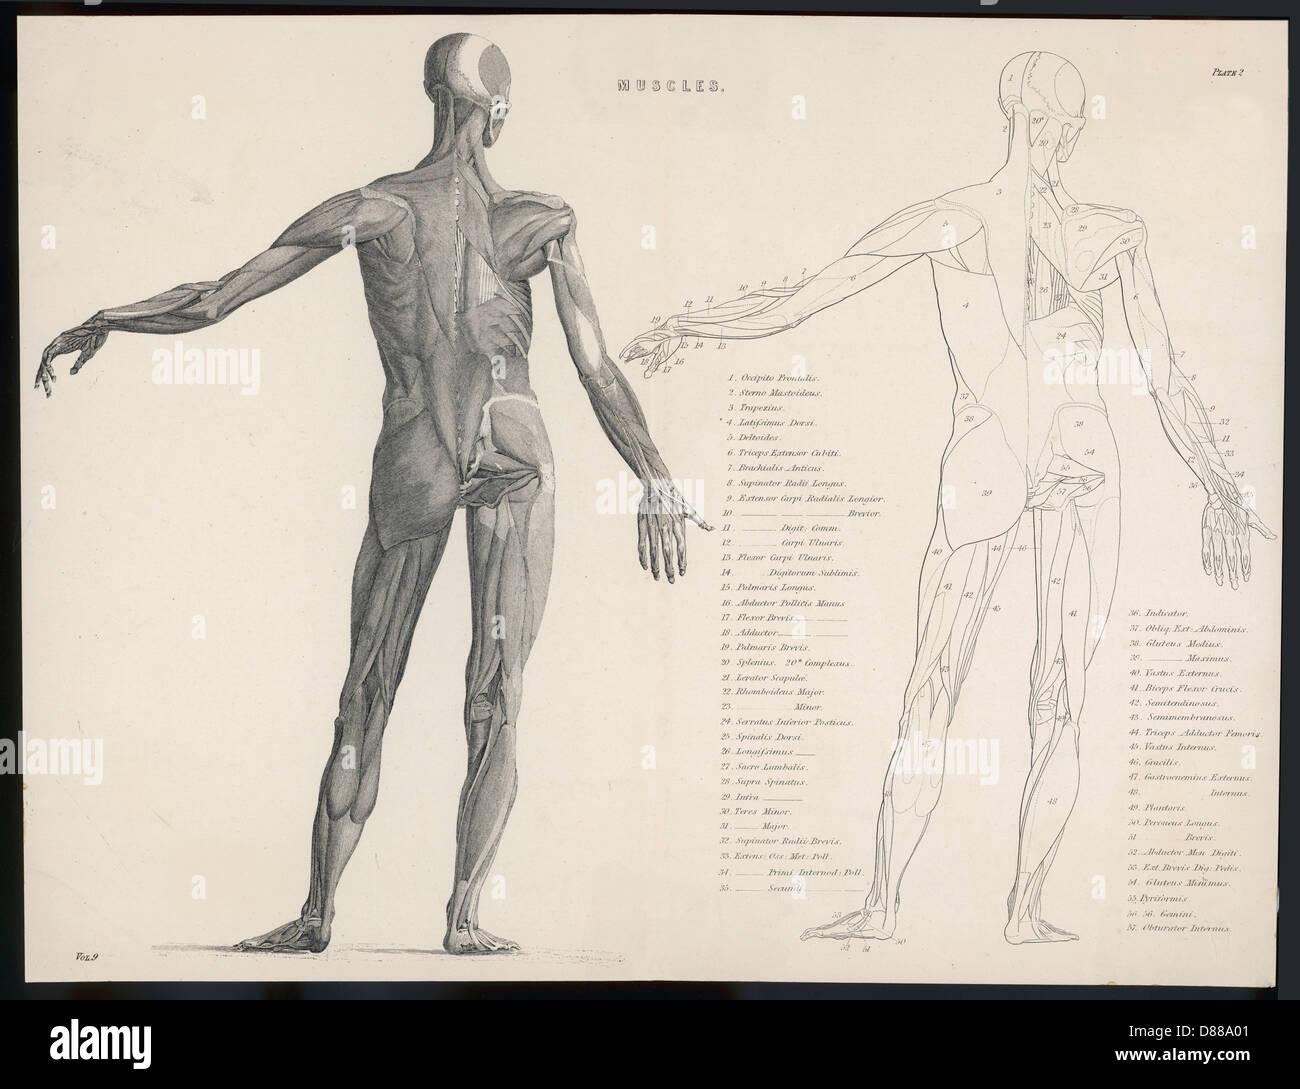 Erfreut Körperbewegung Anatomie Ideen - Anatomie Von Menschlichen ...